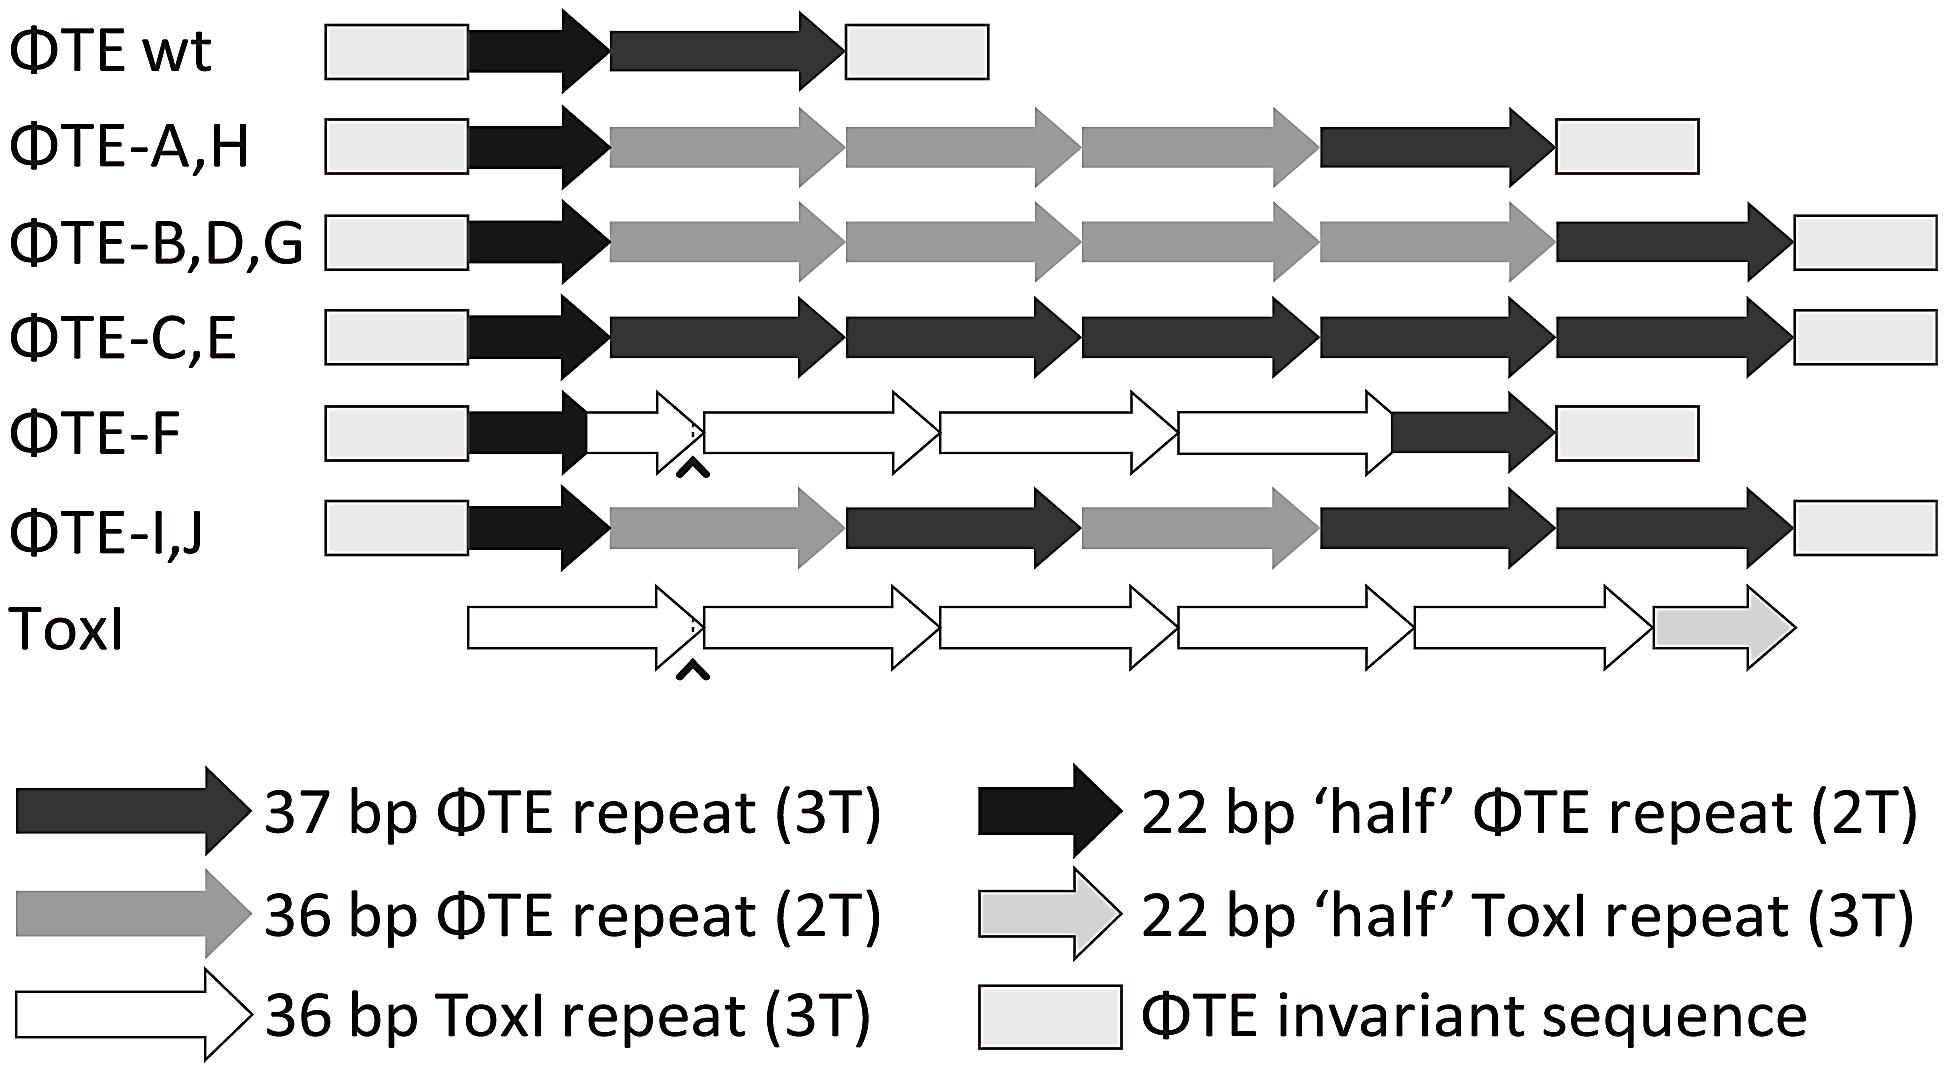 Schematic of the ΦTE-phage escape loci and ToxI.